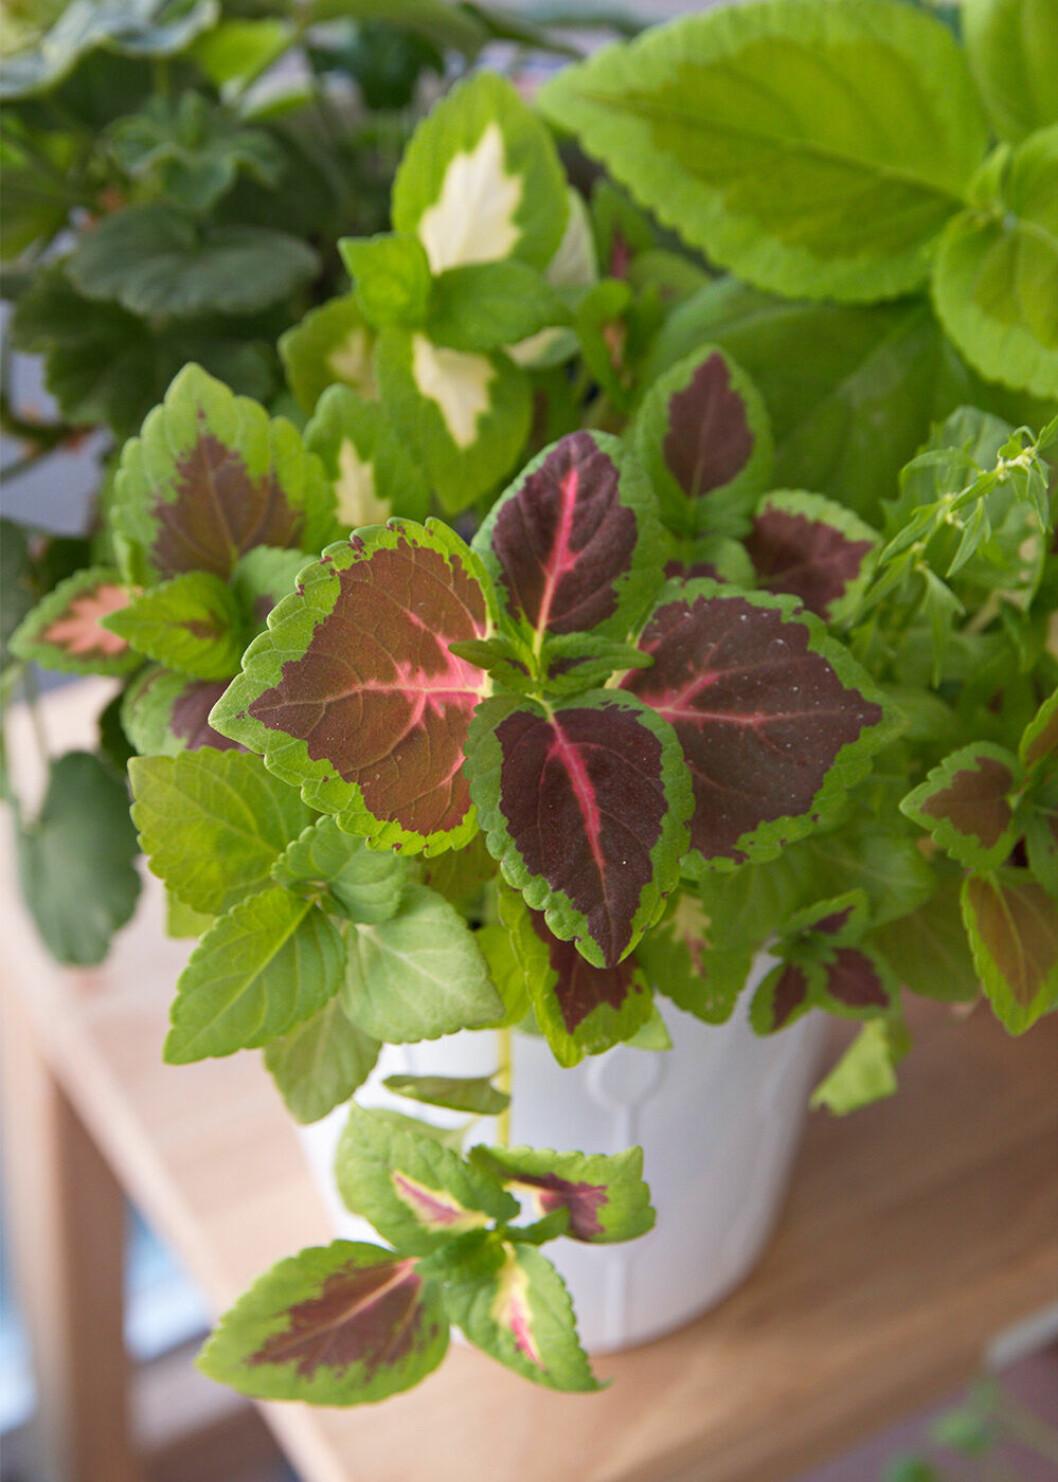 Palettblad är populärt bland sticklingar på Tradera